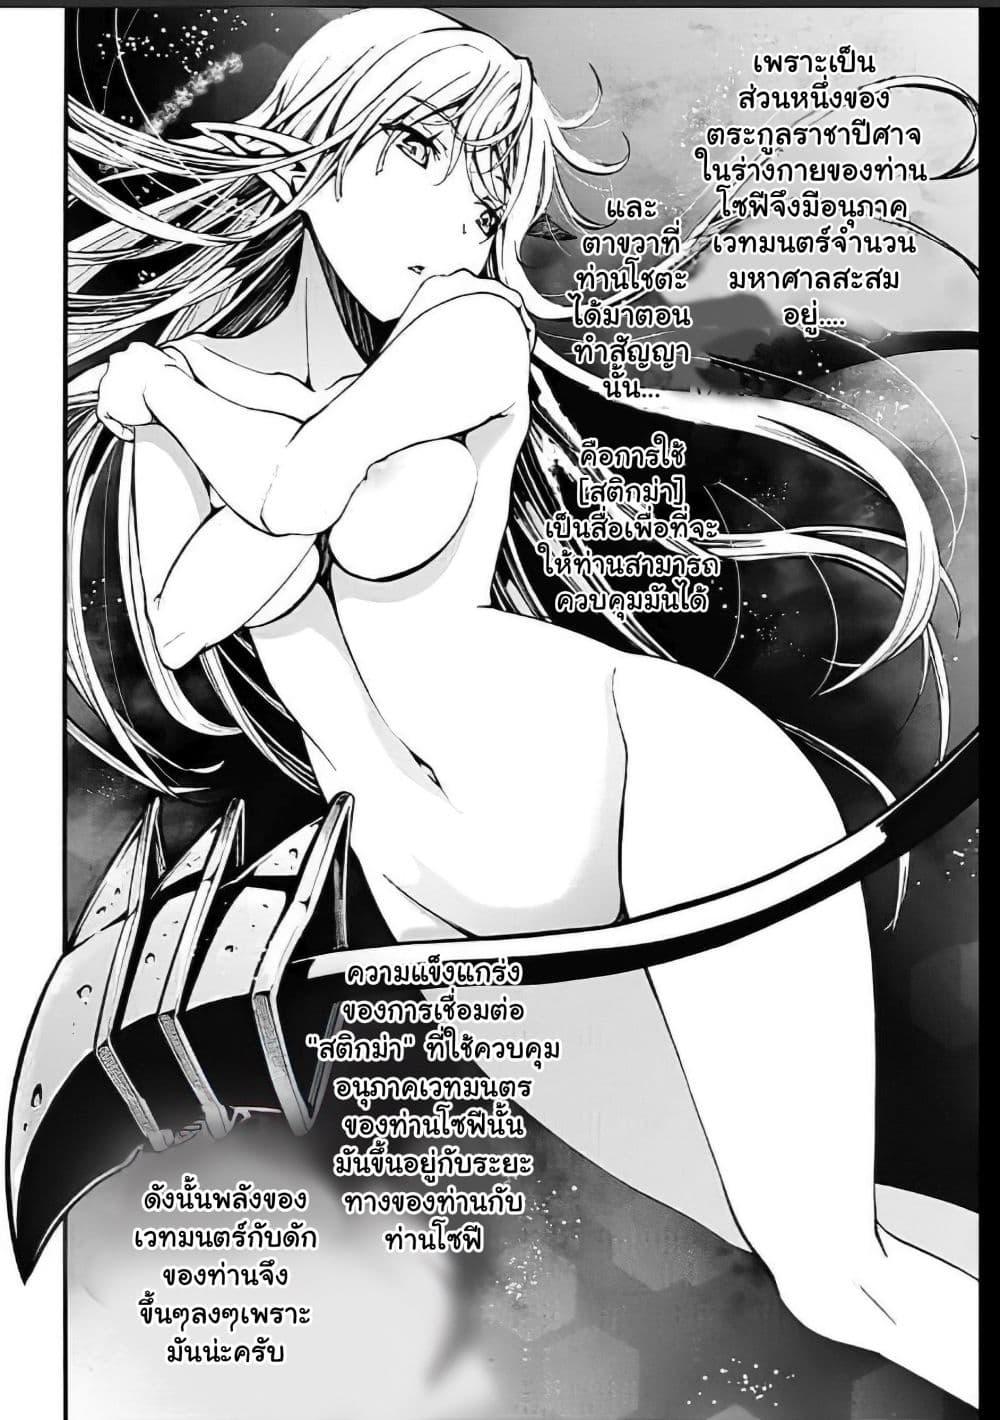 อ่านการ์ตูน Wazawaitsu Wanashi no Yuusha kari ตอนที่ 3 หน้าที่ 30